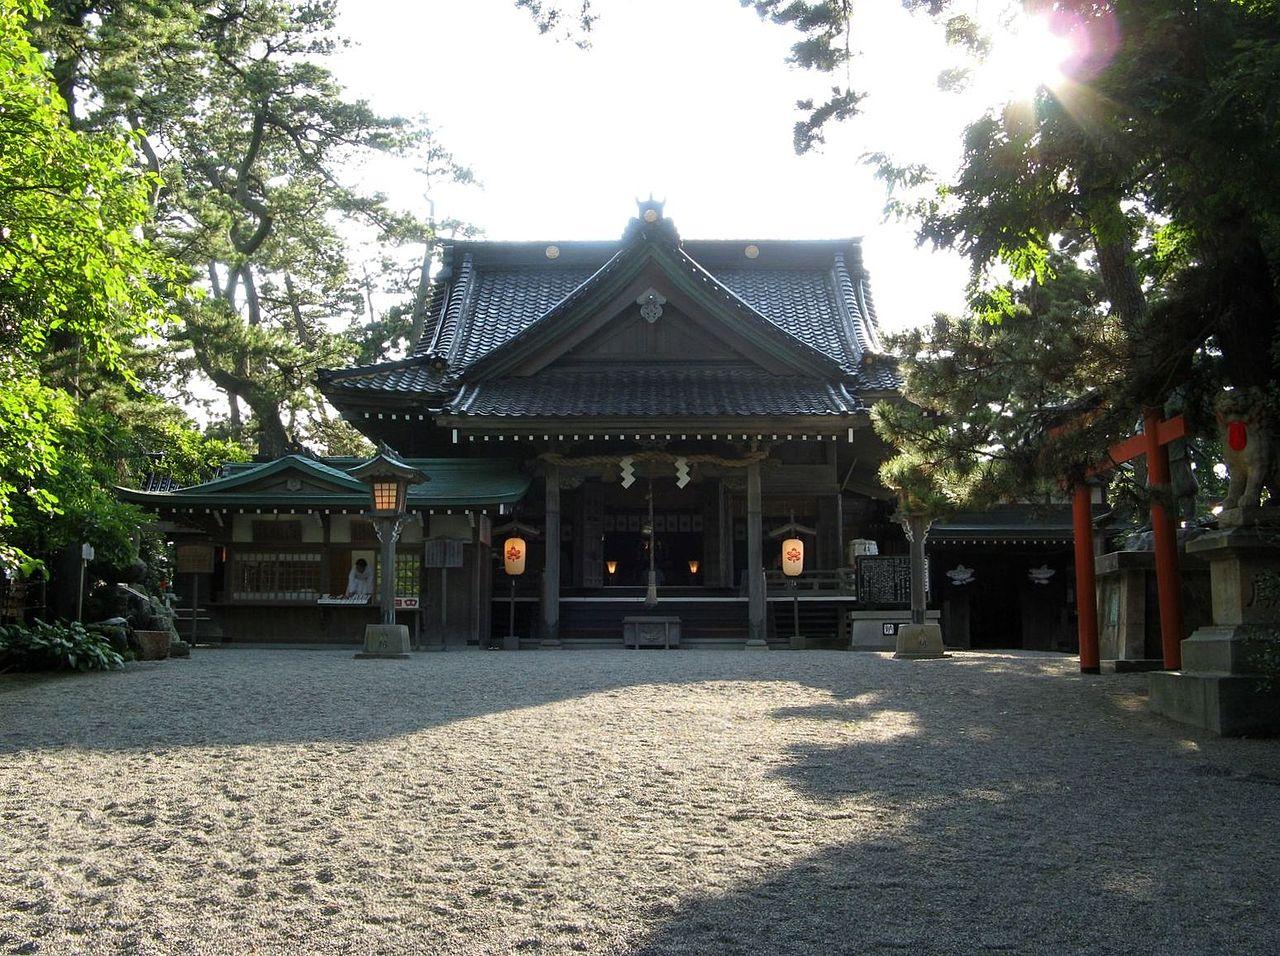 [御祭神がスクナビコナ]初詣で人気の神社のキャプチャー